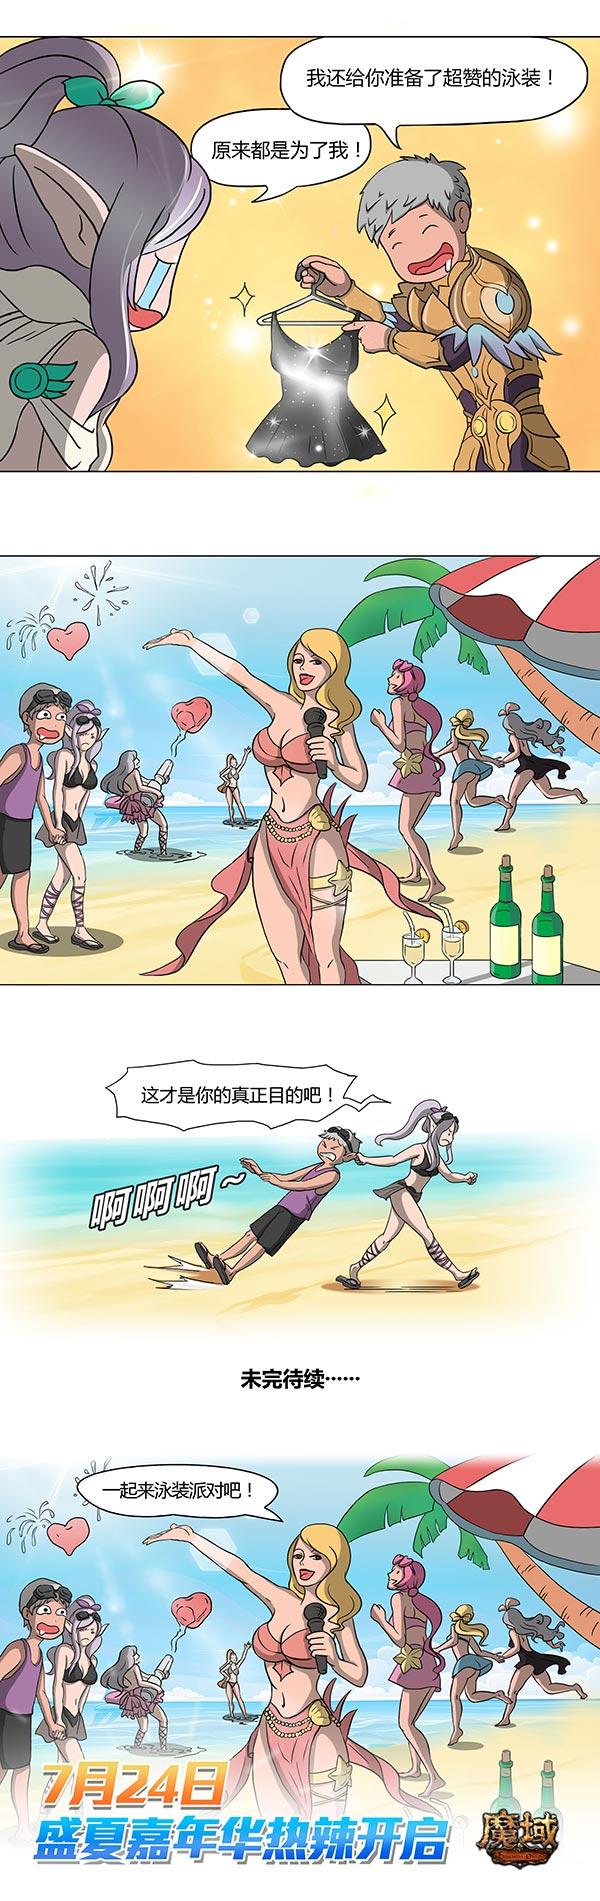 沙滩美女比基尼!《魔域》盛夏嘉年华今日热辣轰趴